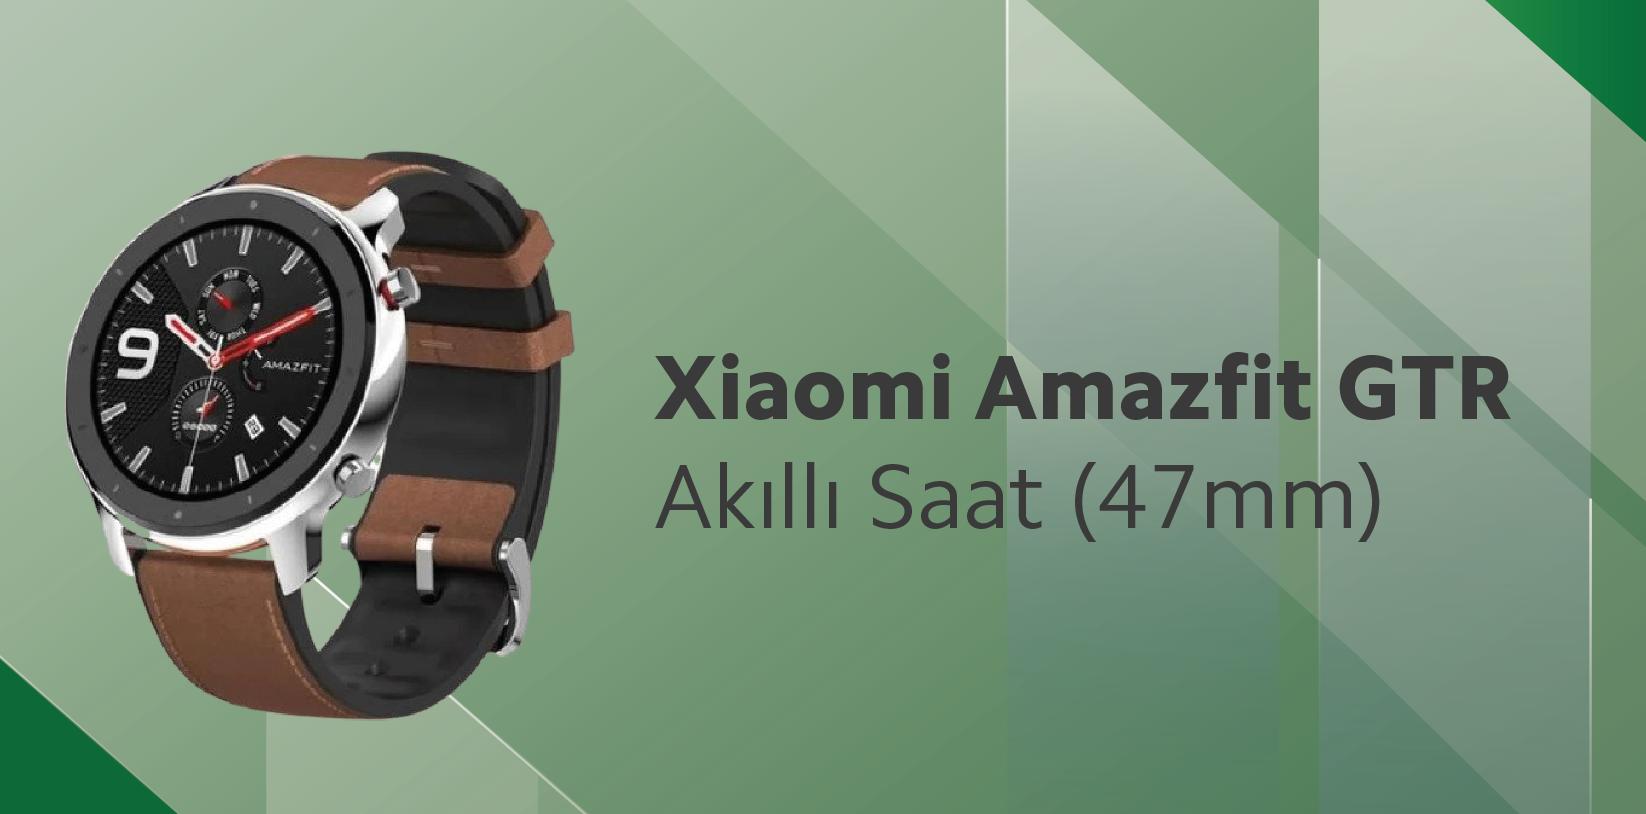 Xiaomi Amazfit GTR Akıllı Saat